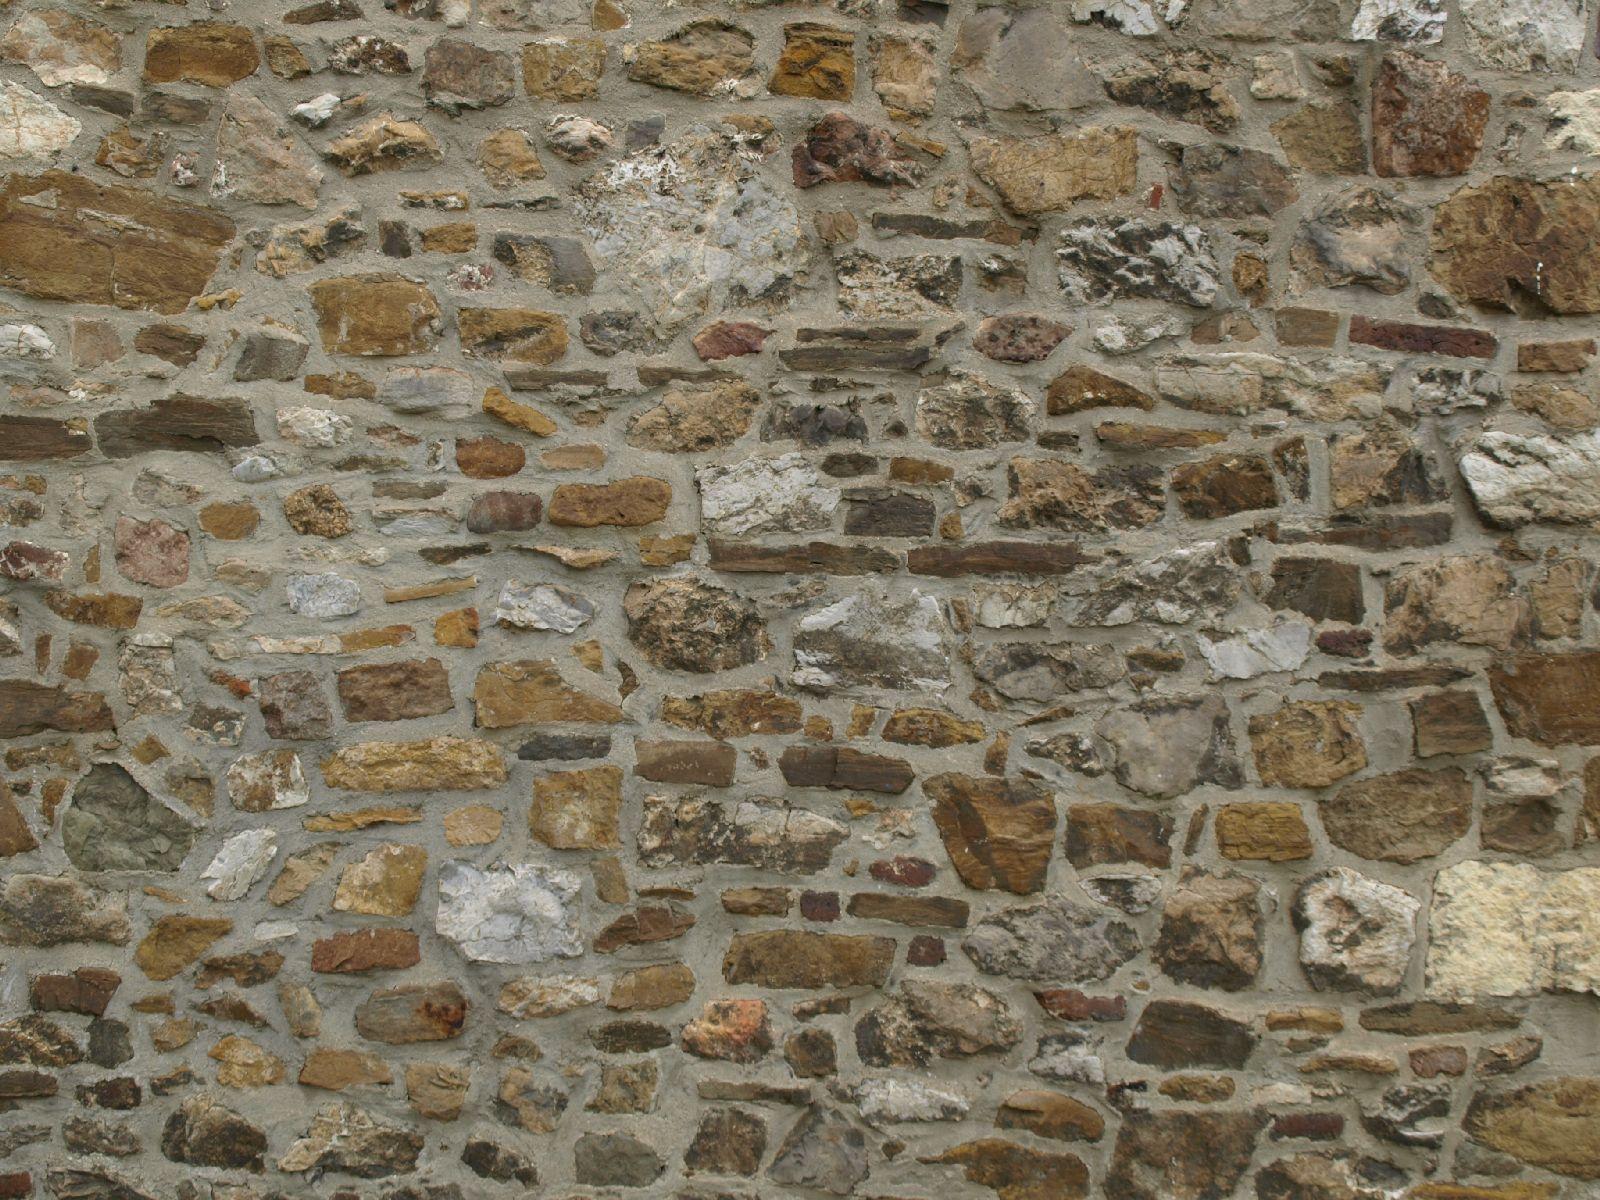 Wand-Bruchstein_Textur_A_P6153482